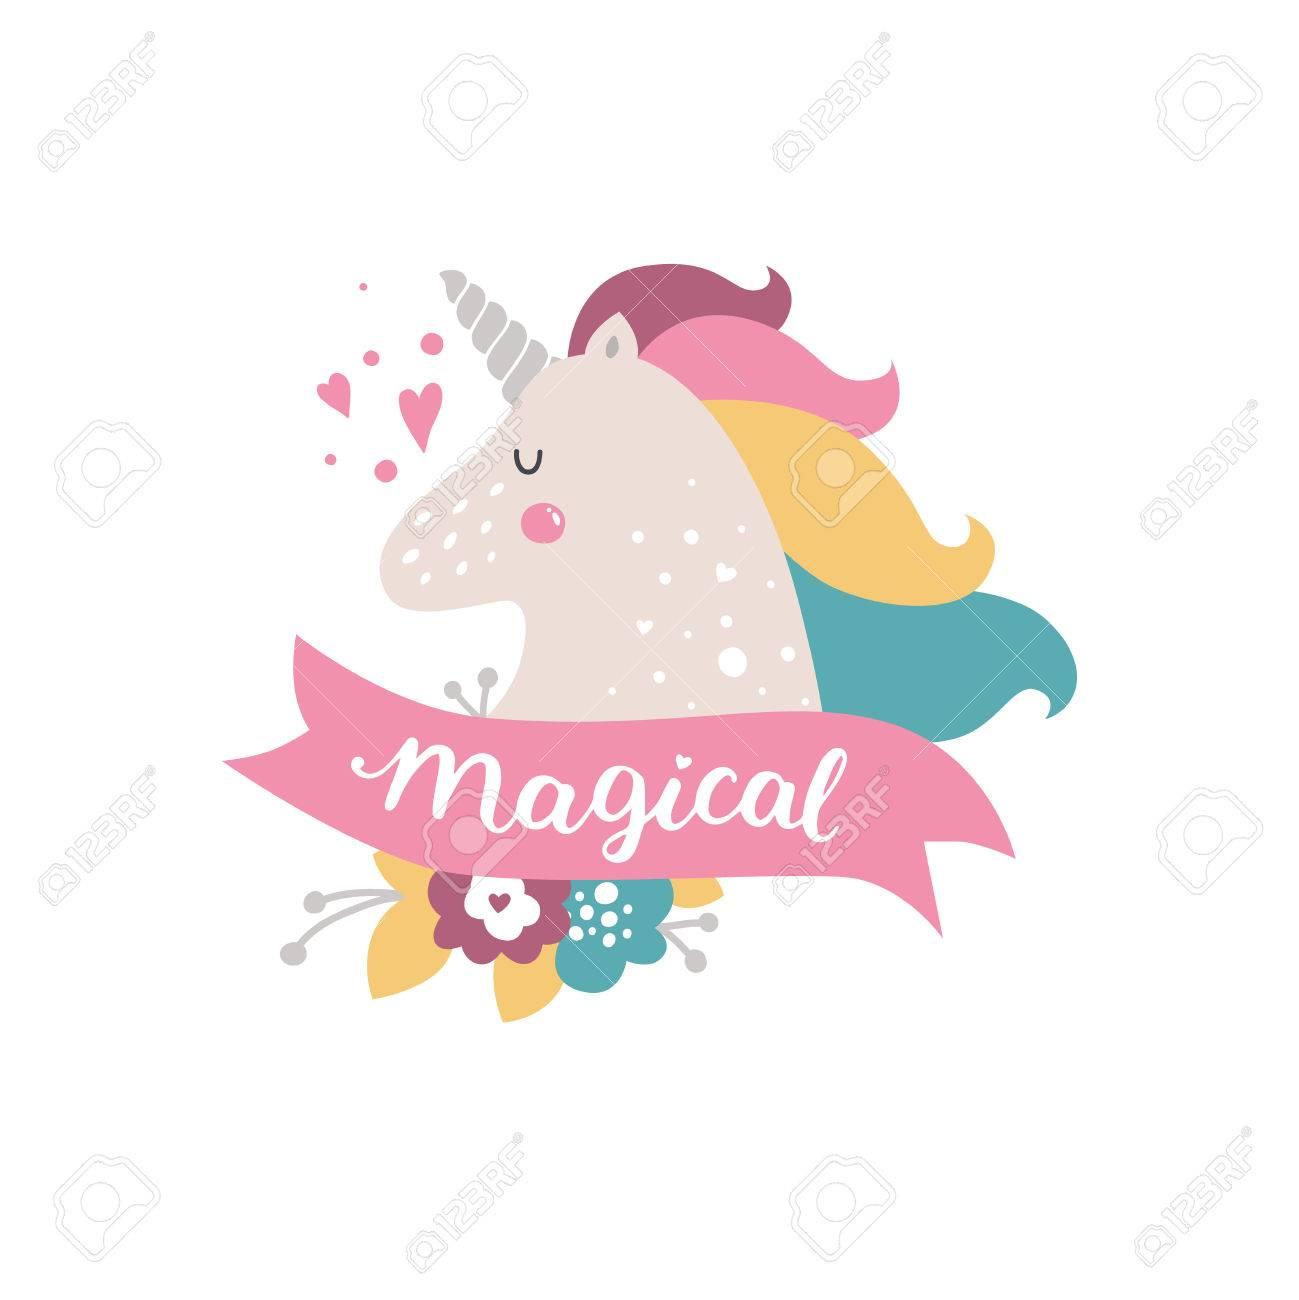 Vector Bebé Unicornio Ilustración Infantil Para Las Impresiones De Diseño Tarjetas E Invitaciones De Cumpleaños Tarjetas De La Chica Con Lindo